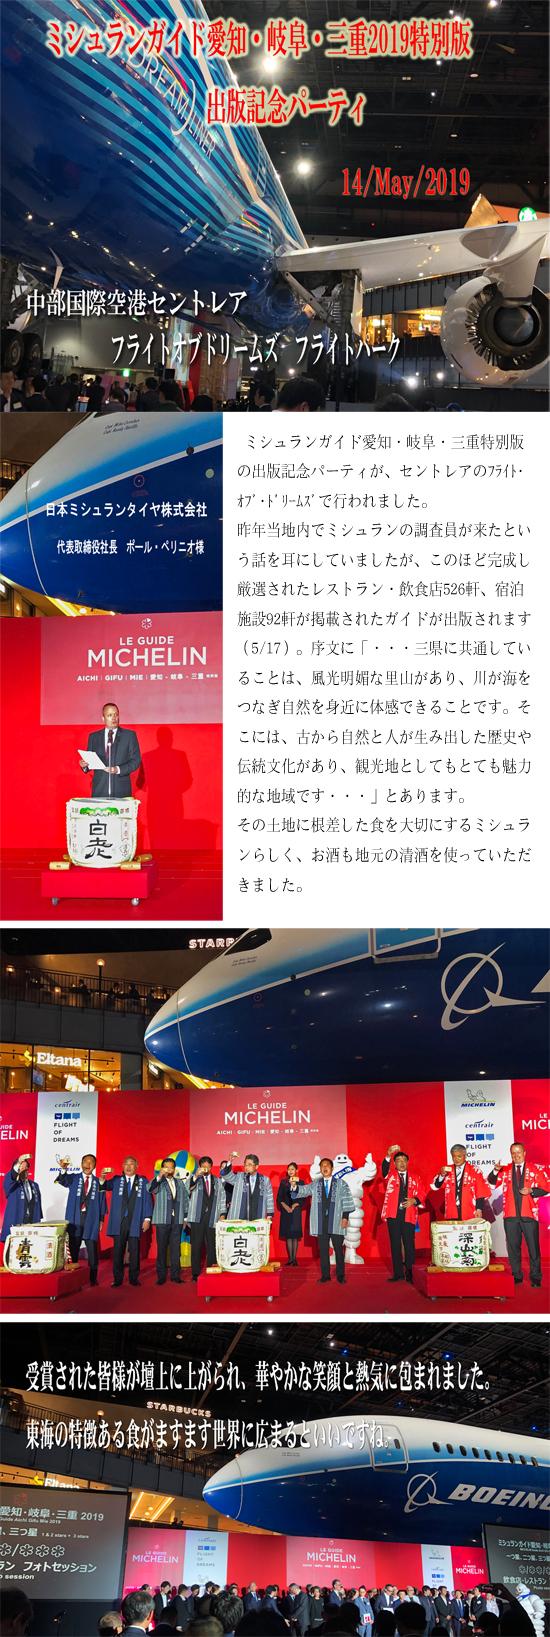 ミシュランガイド東海特別版出版記念パーティ | 澤田酒造株式会社